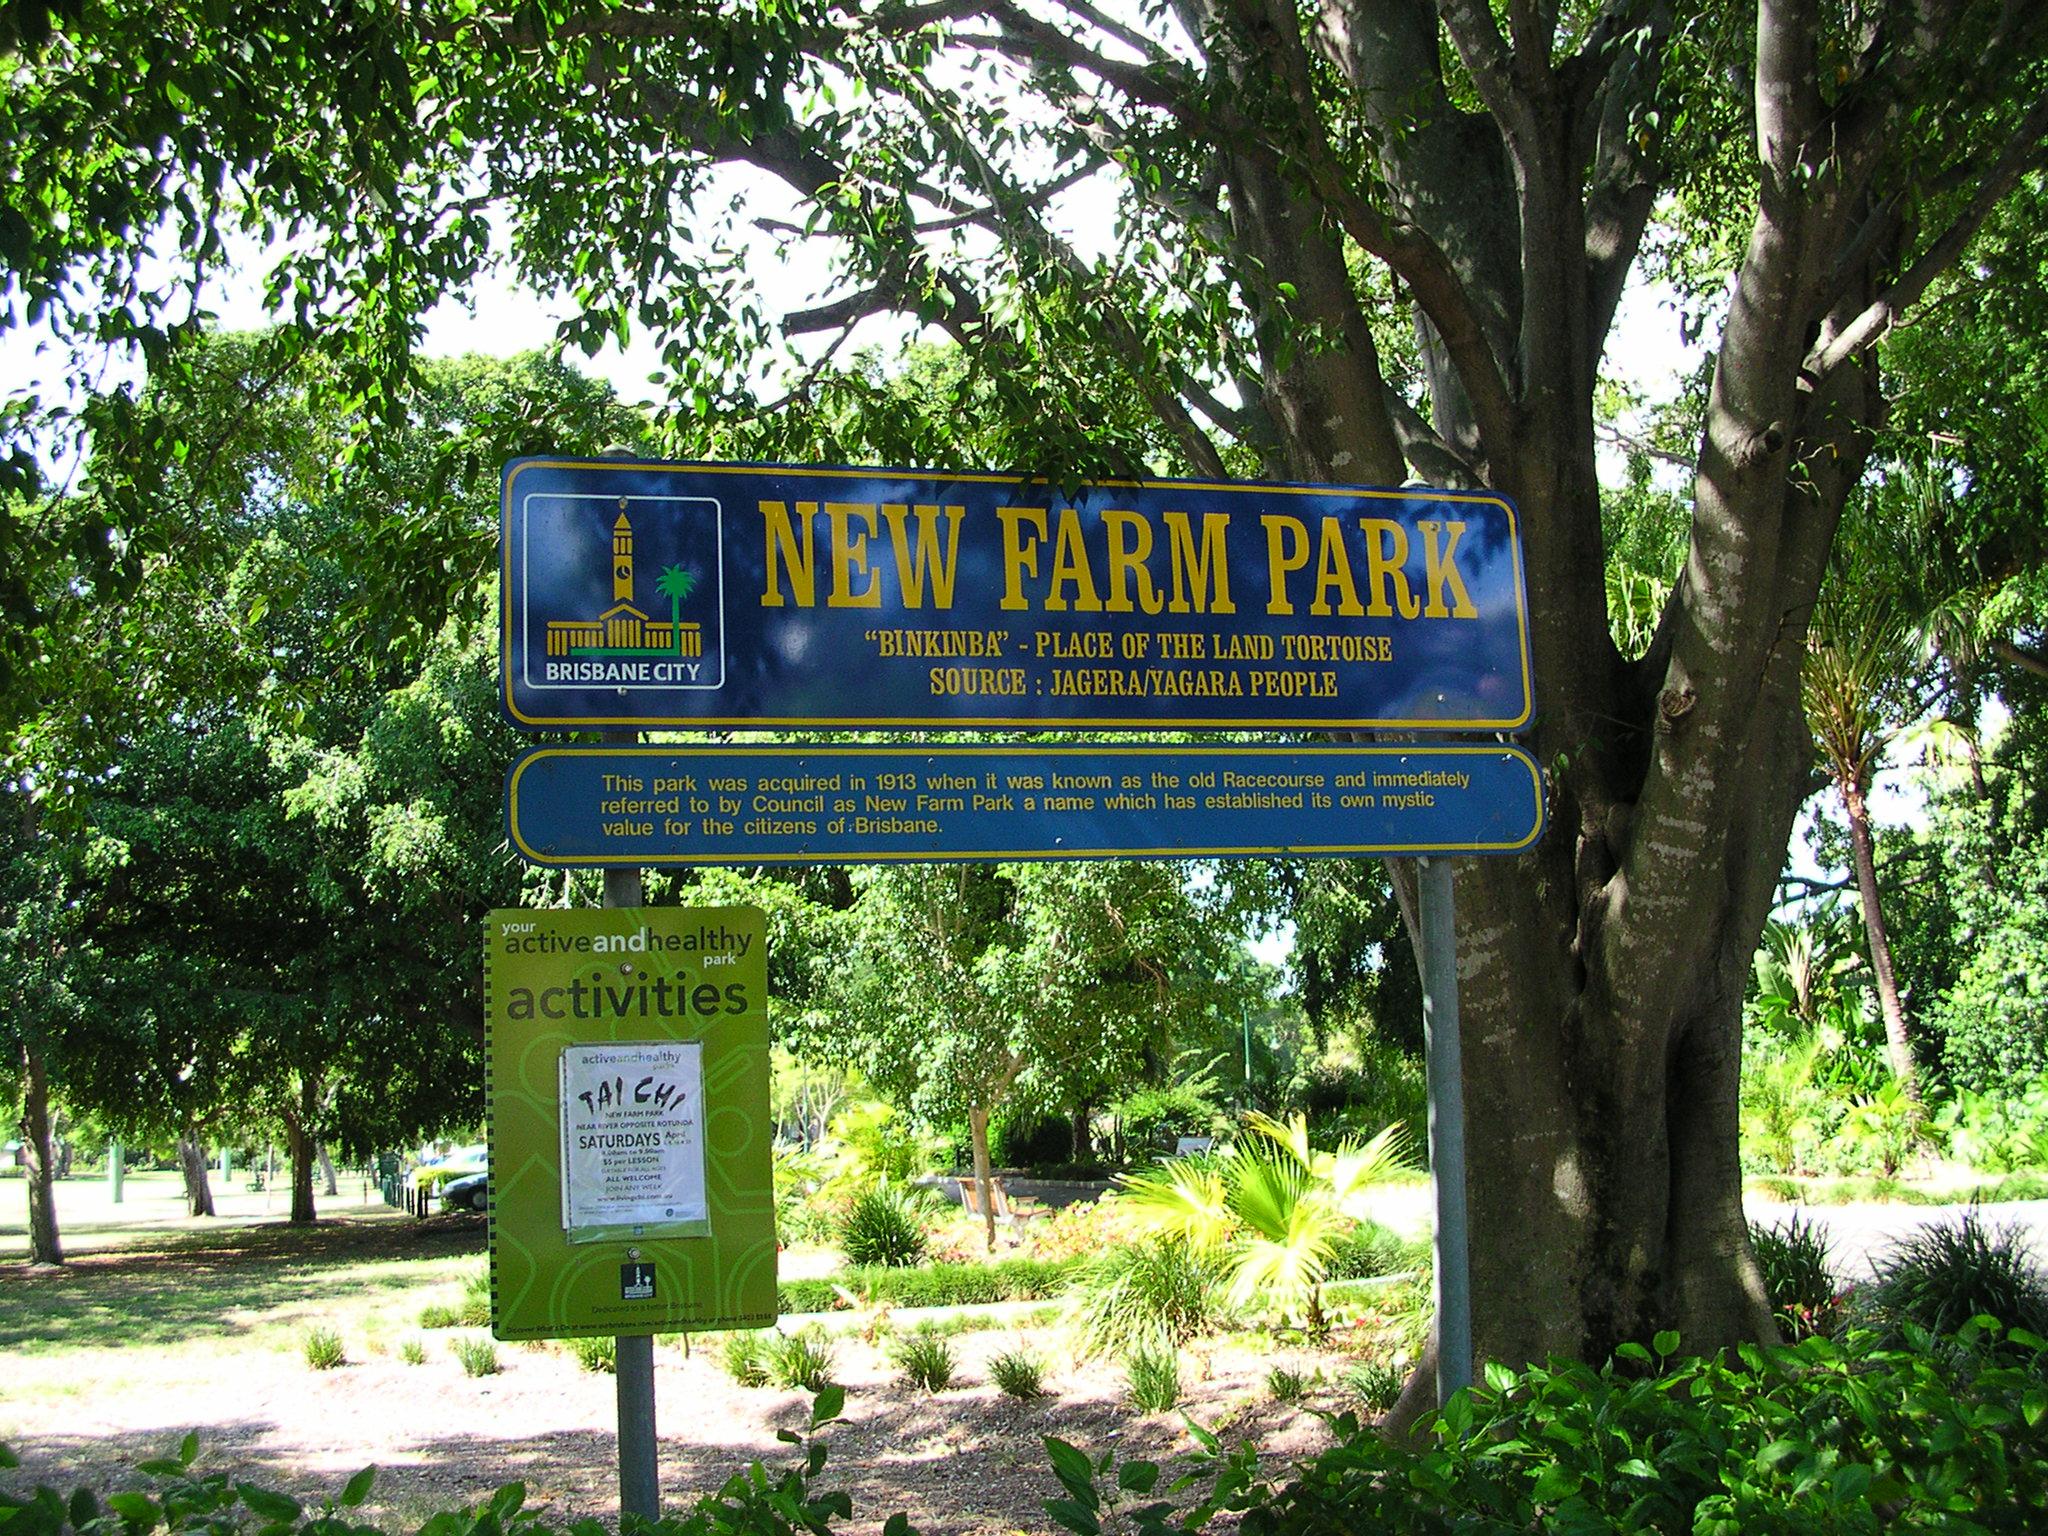 New Farm Park Photos New Farm Park Sign.jpg